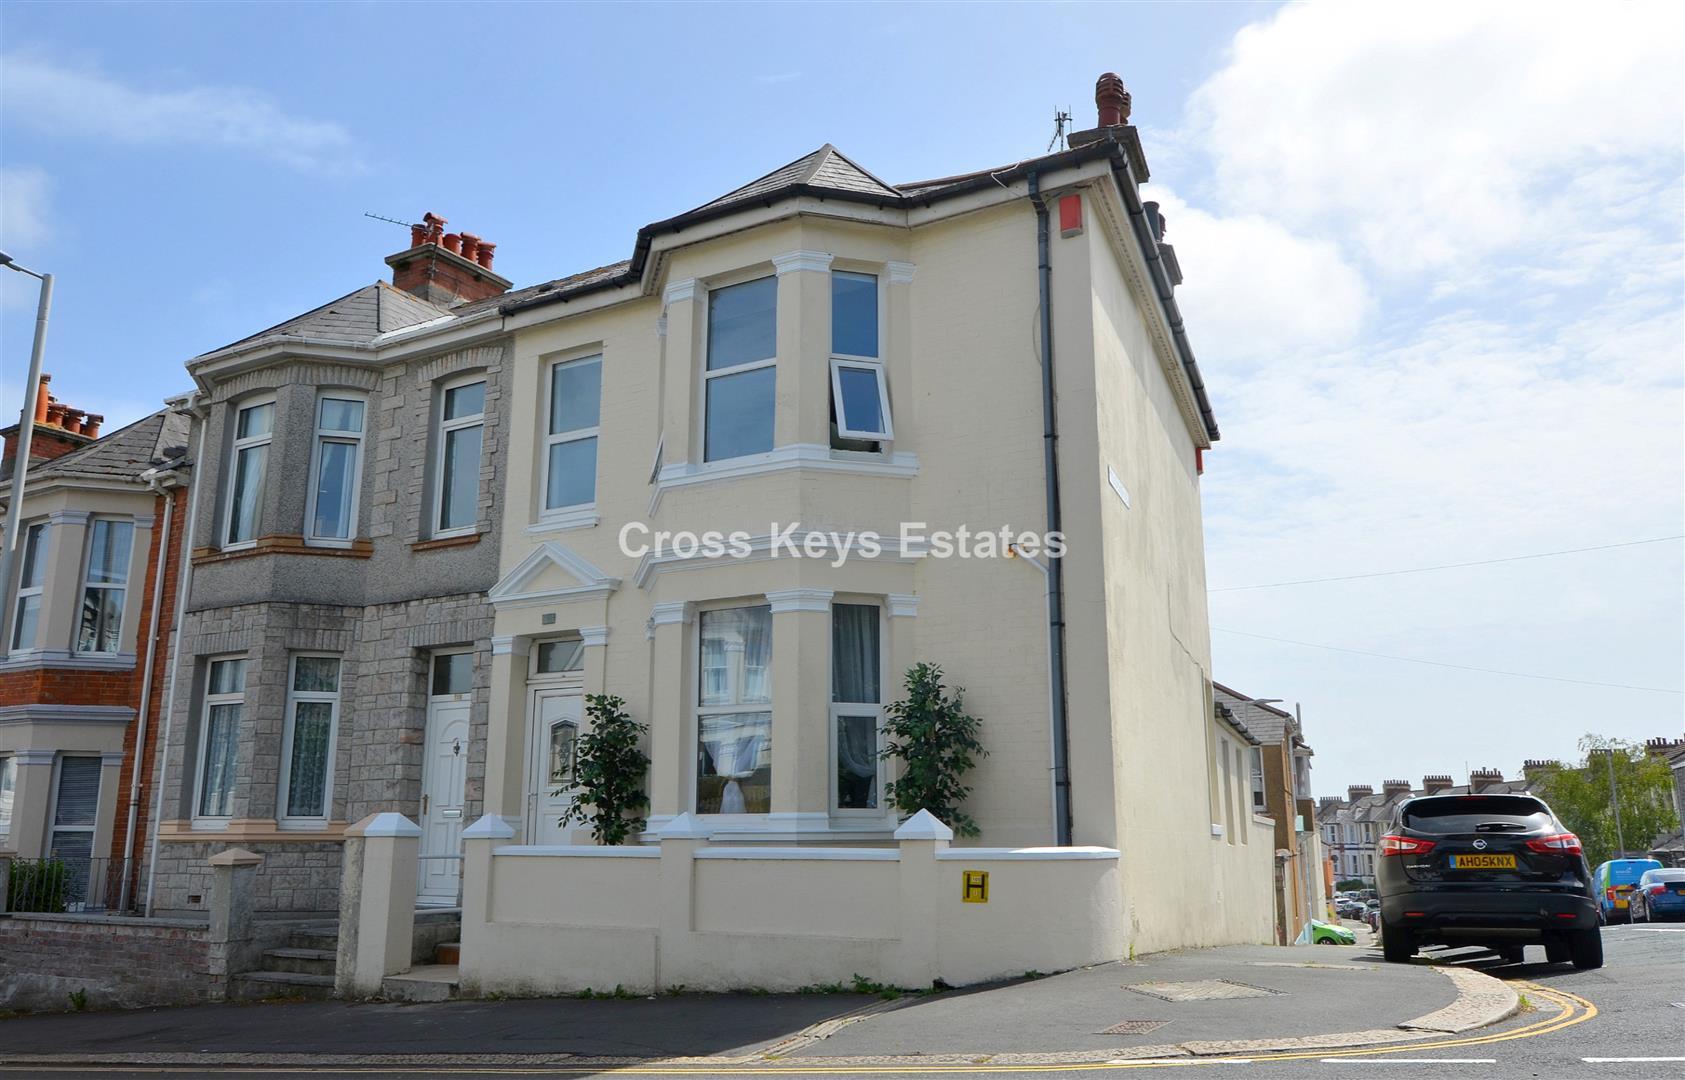 Cross Keys Estate Agents